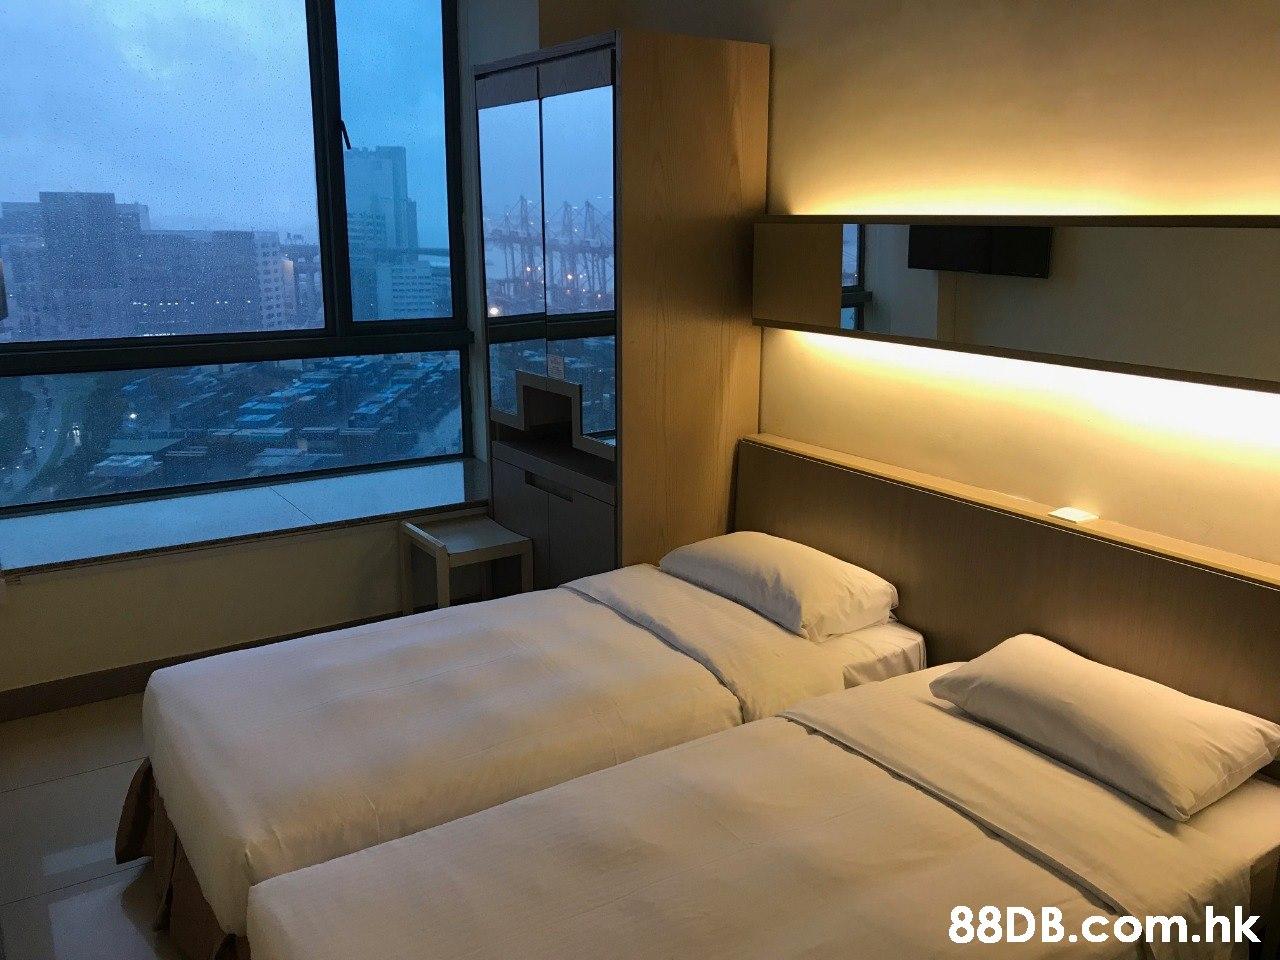 高層開放式 出租 HK$7500 - 青逸酒店- 海景房-長短期租約-服務式住宅-包水電費用 - 香港住宅物業資訊 - 88DB服務平臺